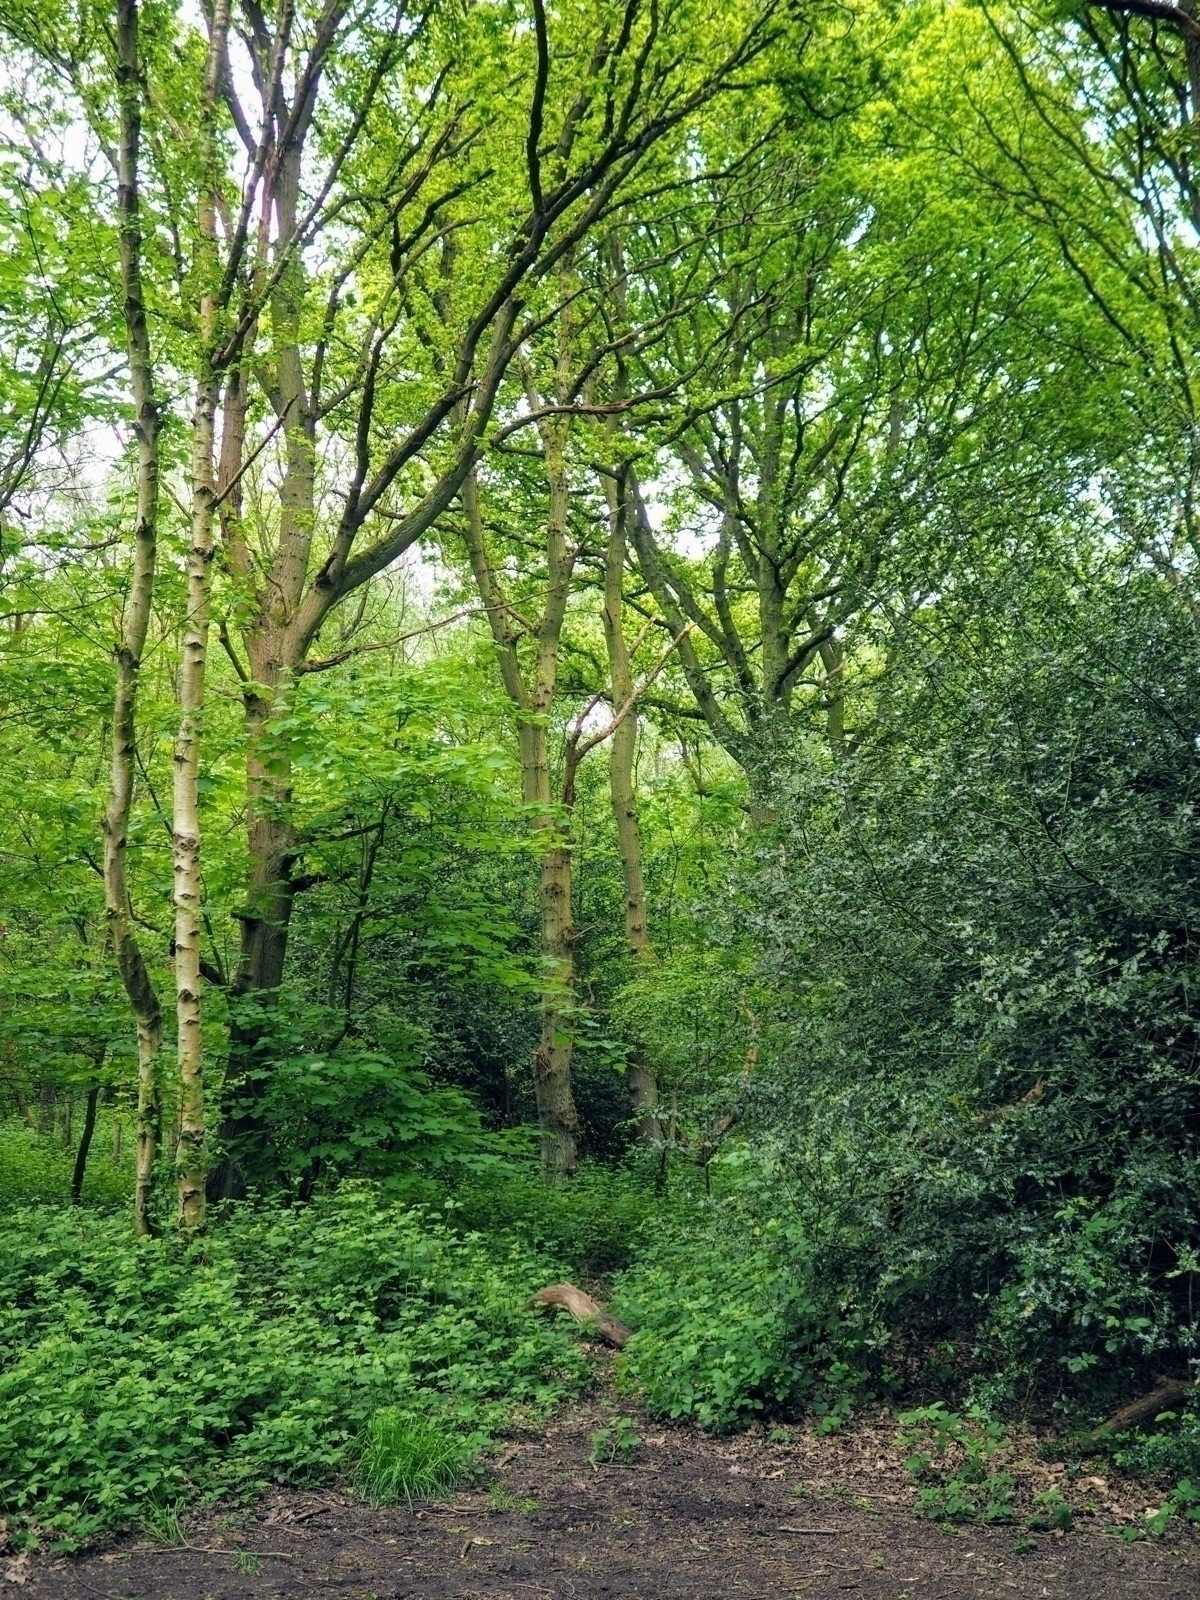 Greenery walk woods soak refres - skazman | ello